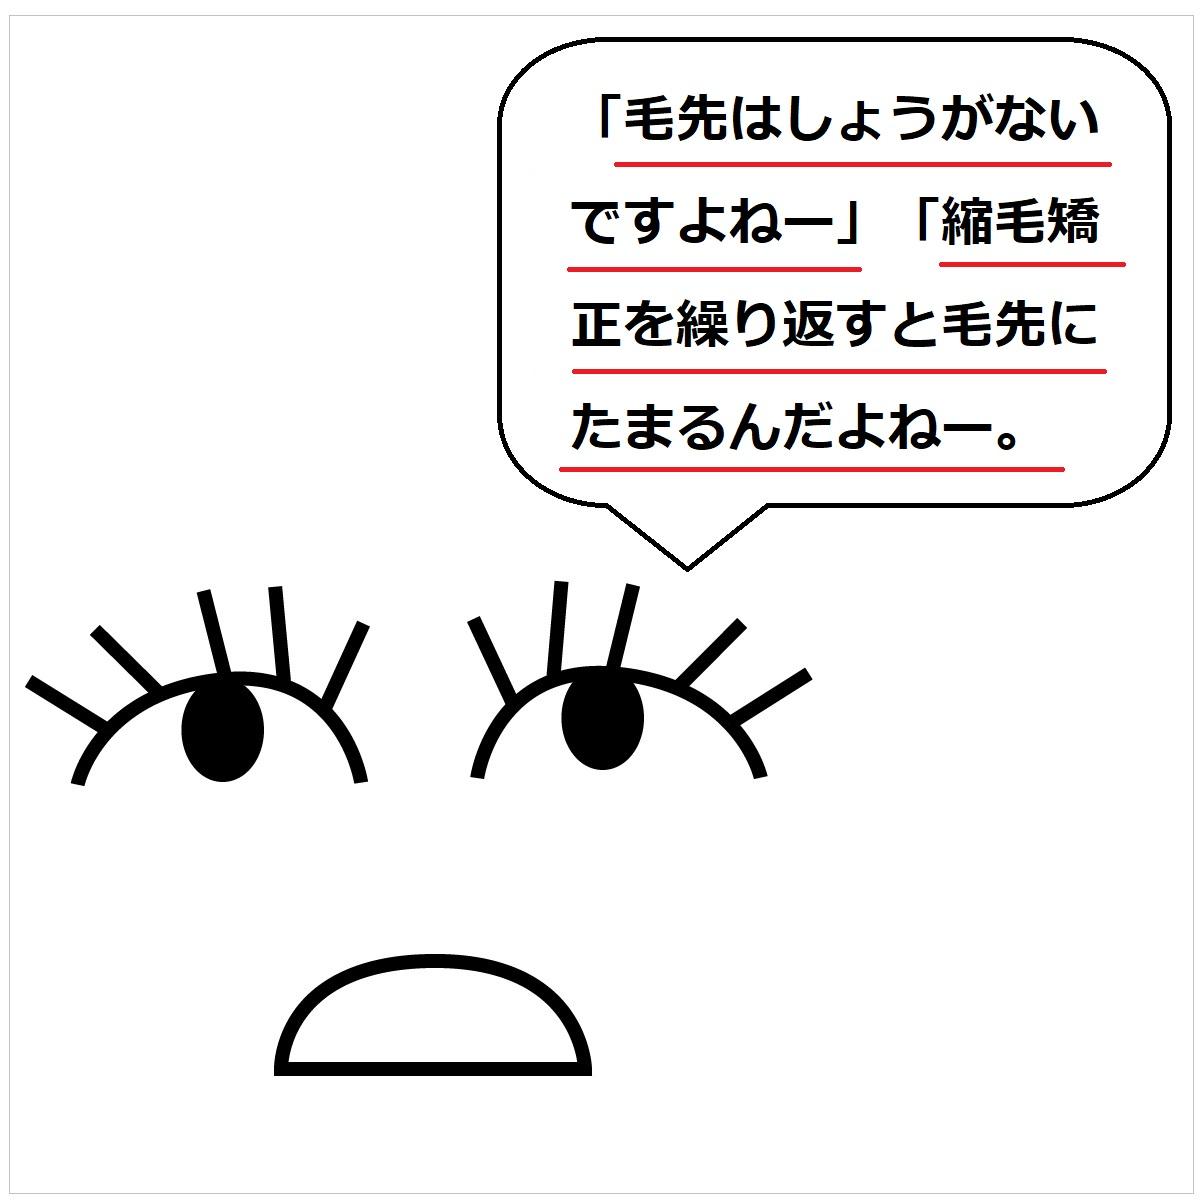 f:id:shokochun:20191124155036j:plain